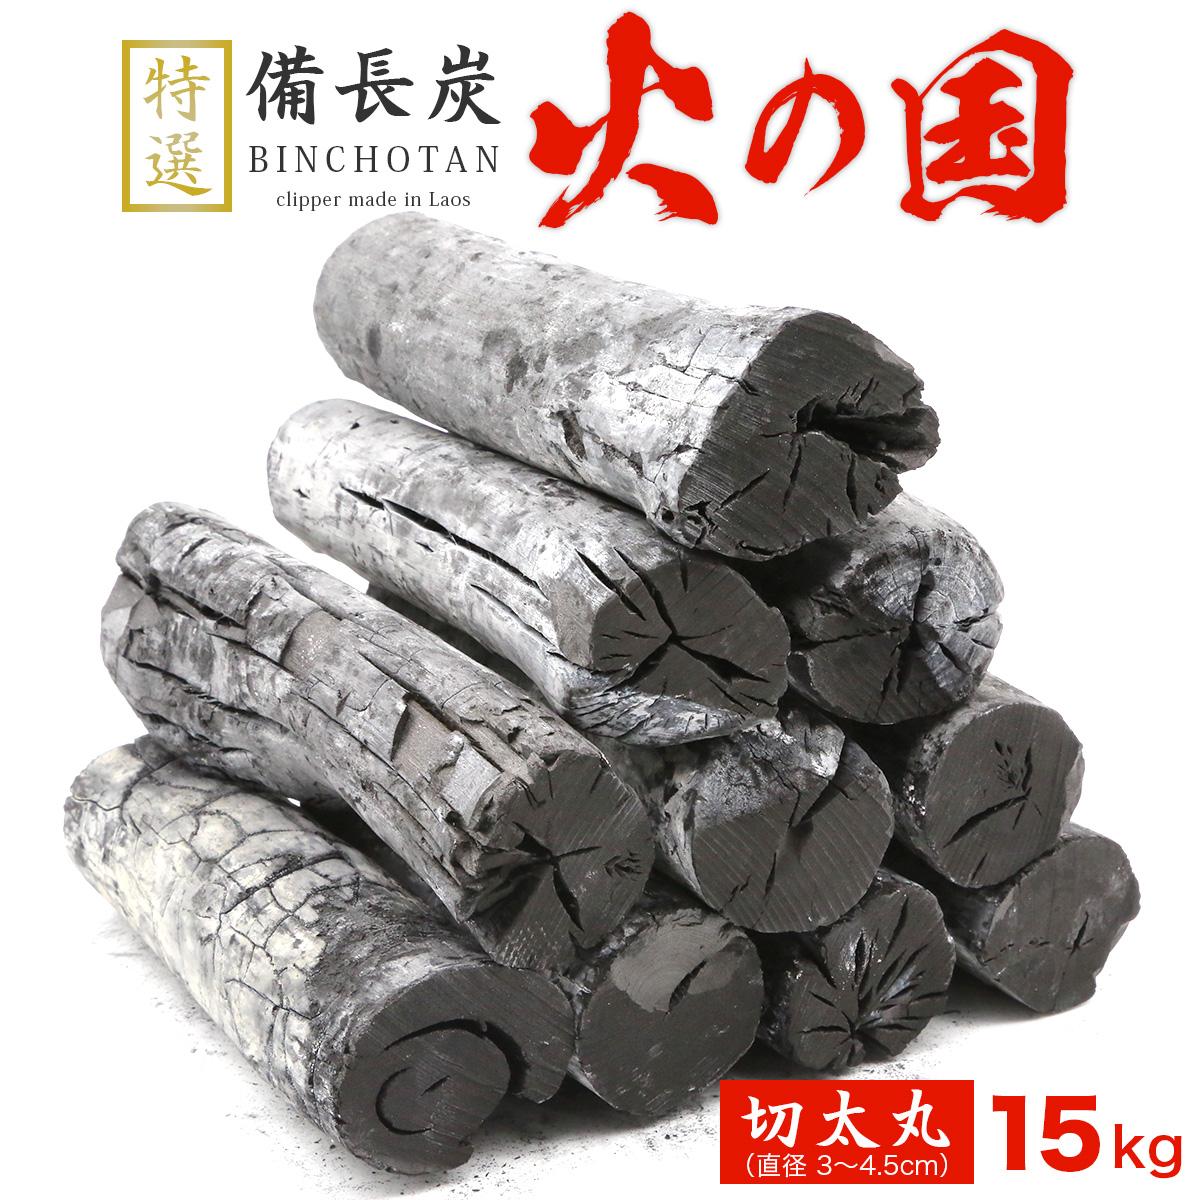 火の国備長炭(ラオス産) 切太丸 15kg 長さ 11〜19cm / 直径 3〜4.5cm Mサイズ(焼肉)